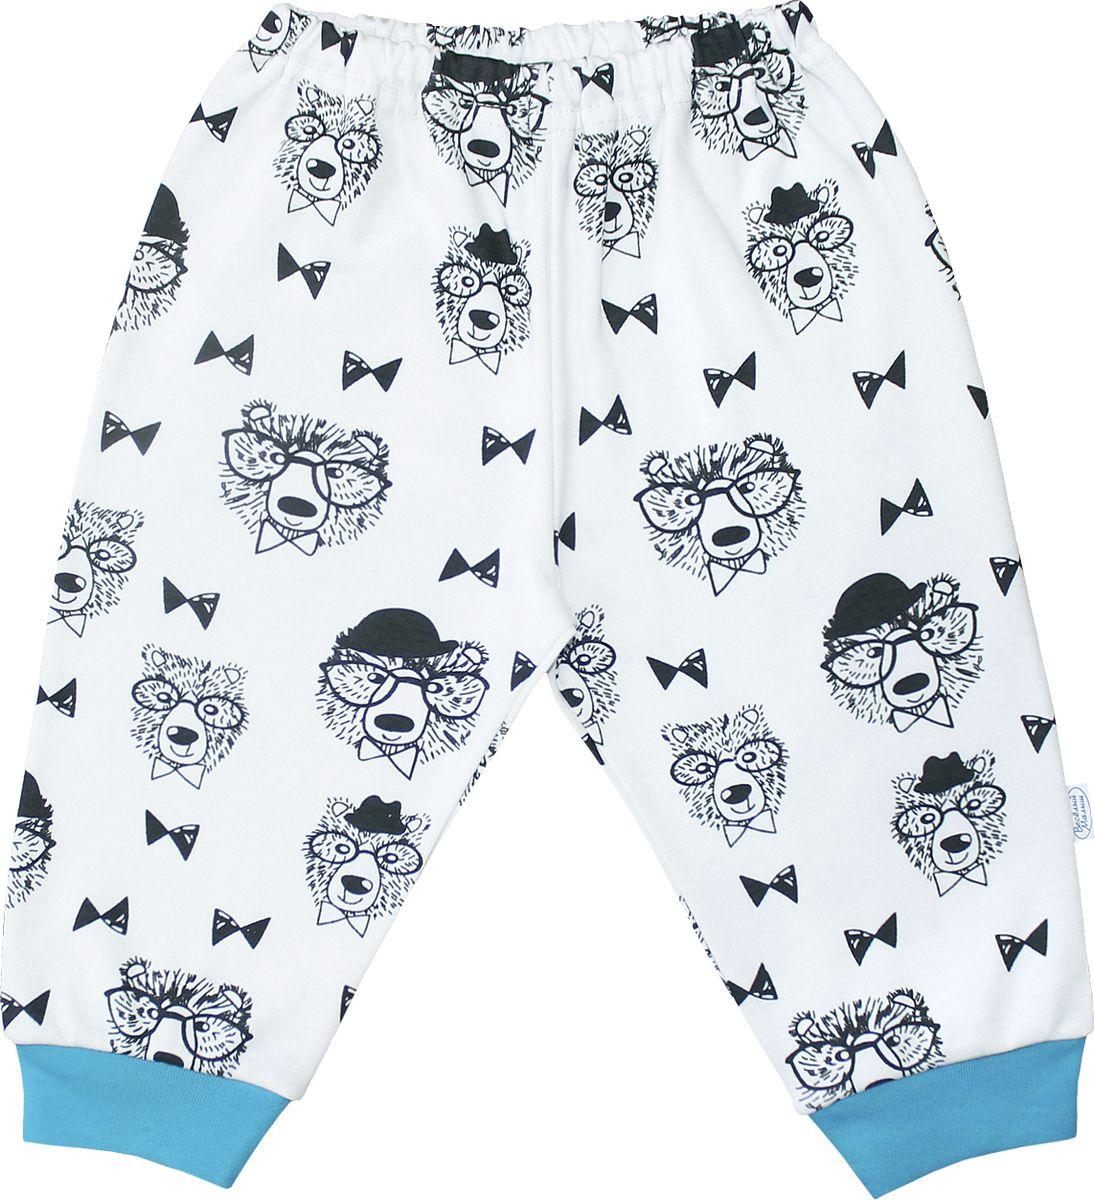 Штанишки для мальчика Веселый малыш Профессор, цвет: светло-бежевый. 33320/п-F (1). Размер 86 брюки джинсы и штанишки веселый малыш штанишки мото